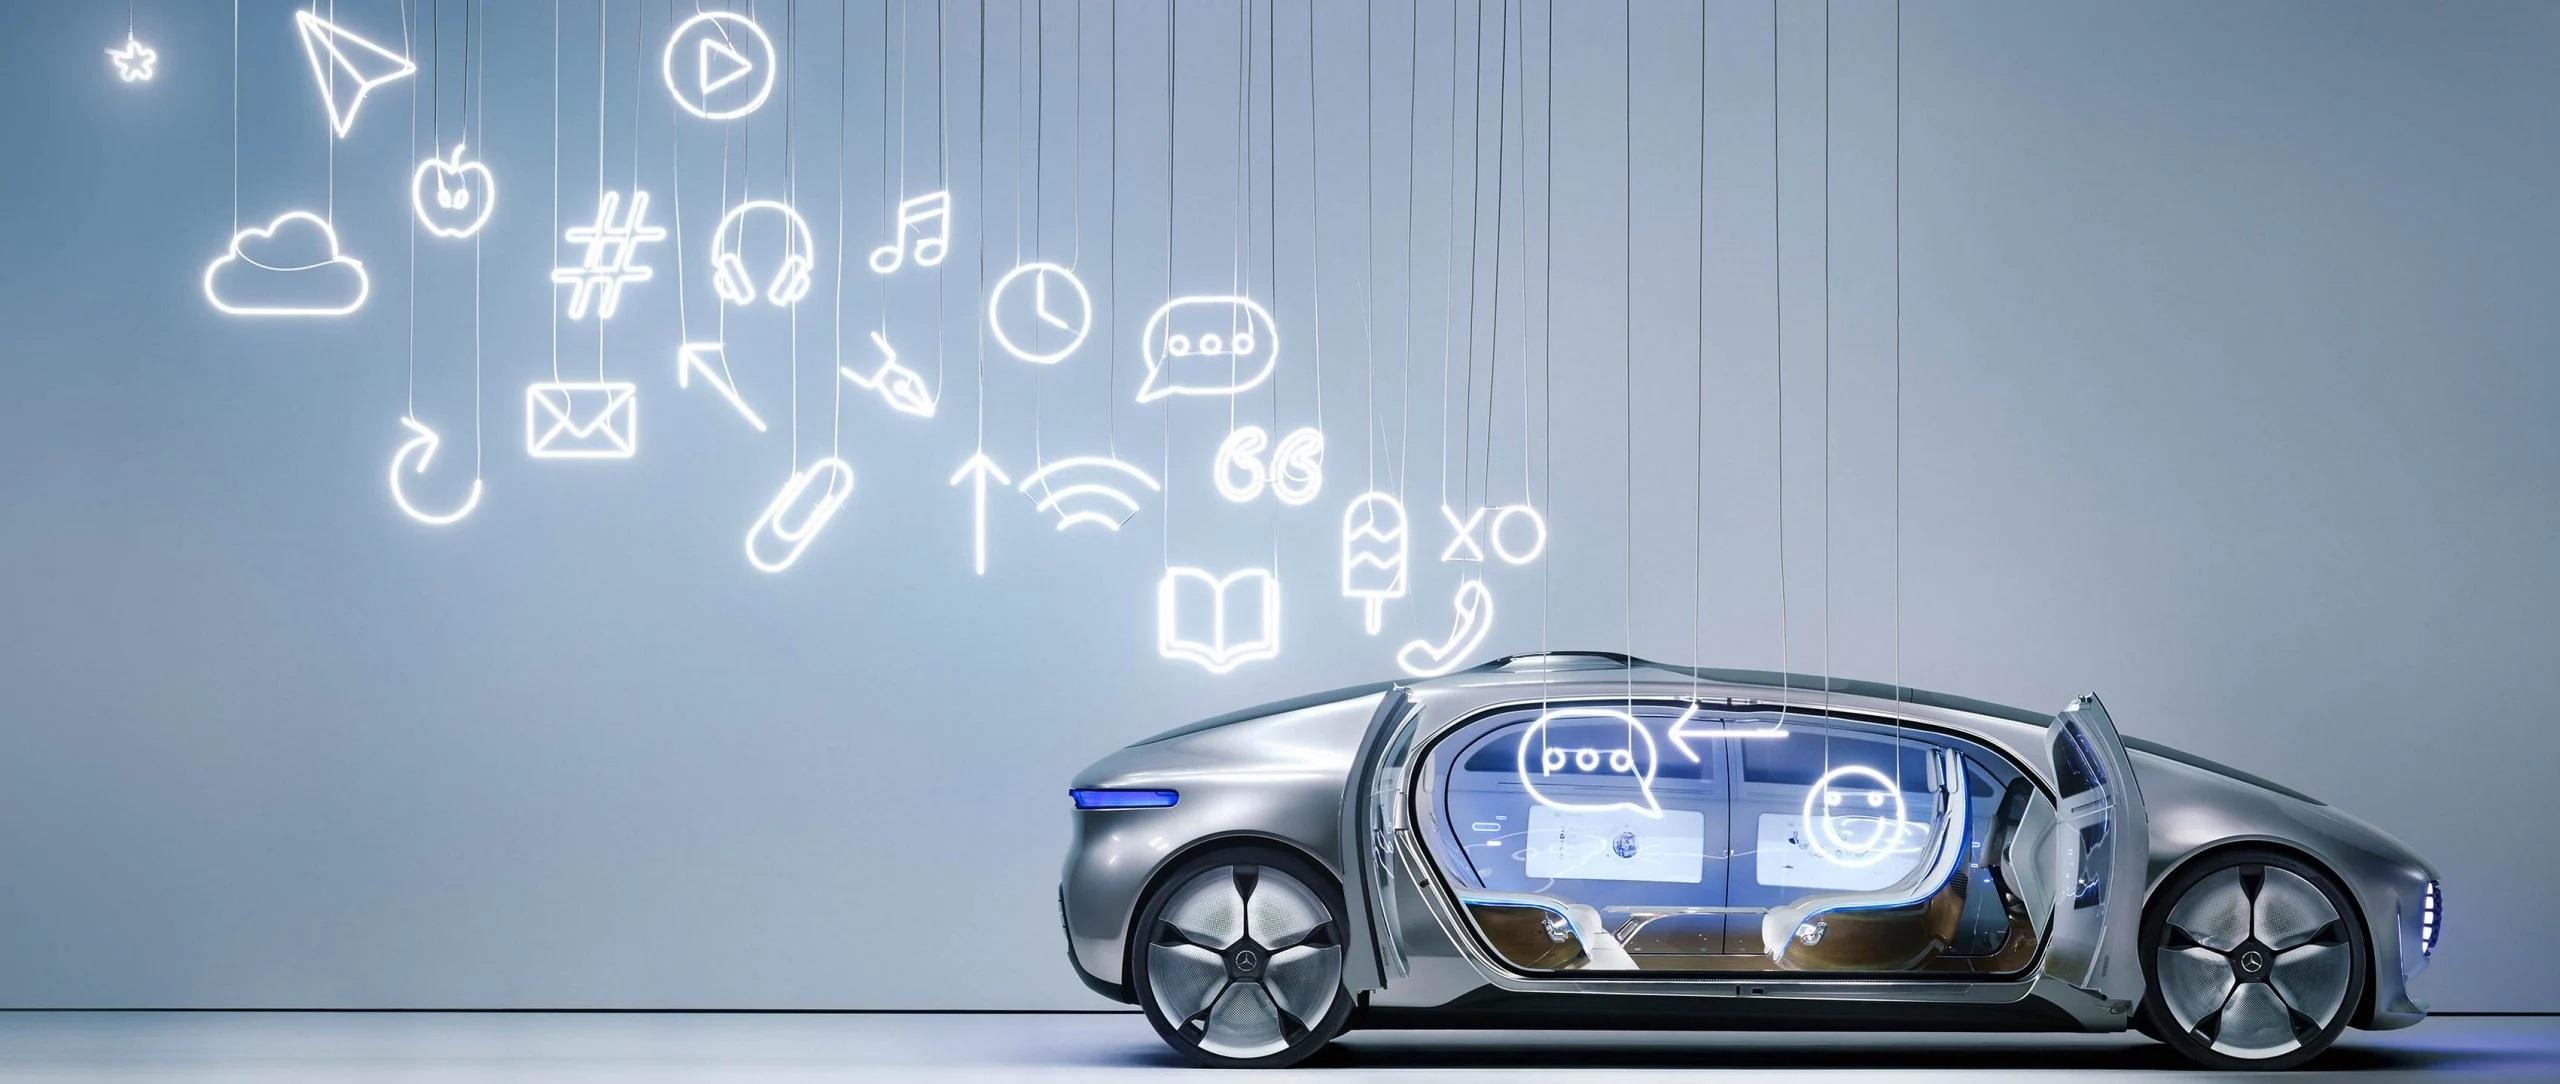 A rendszertervezés hozza el az áttörést az önvezető járművek terén